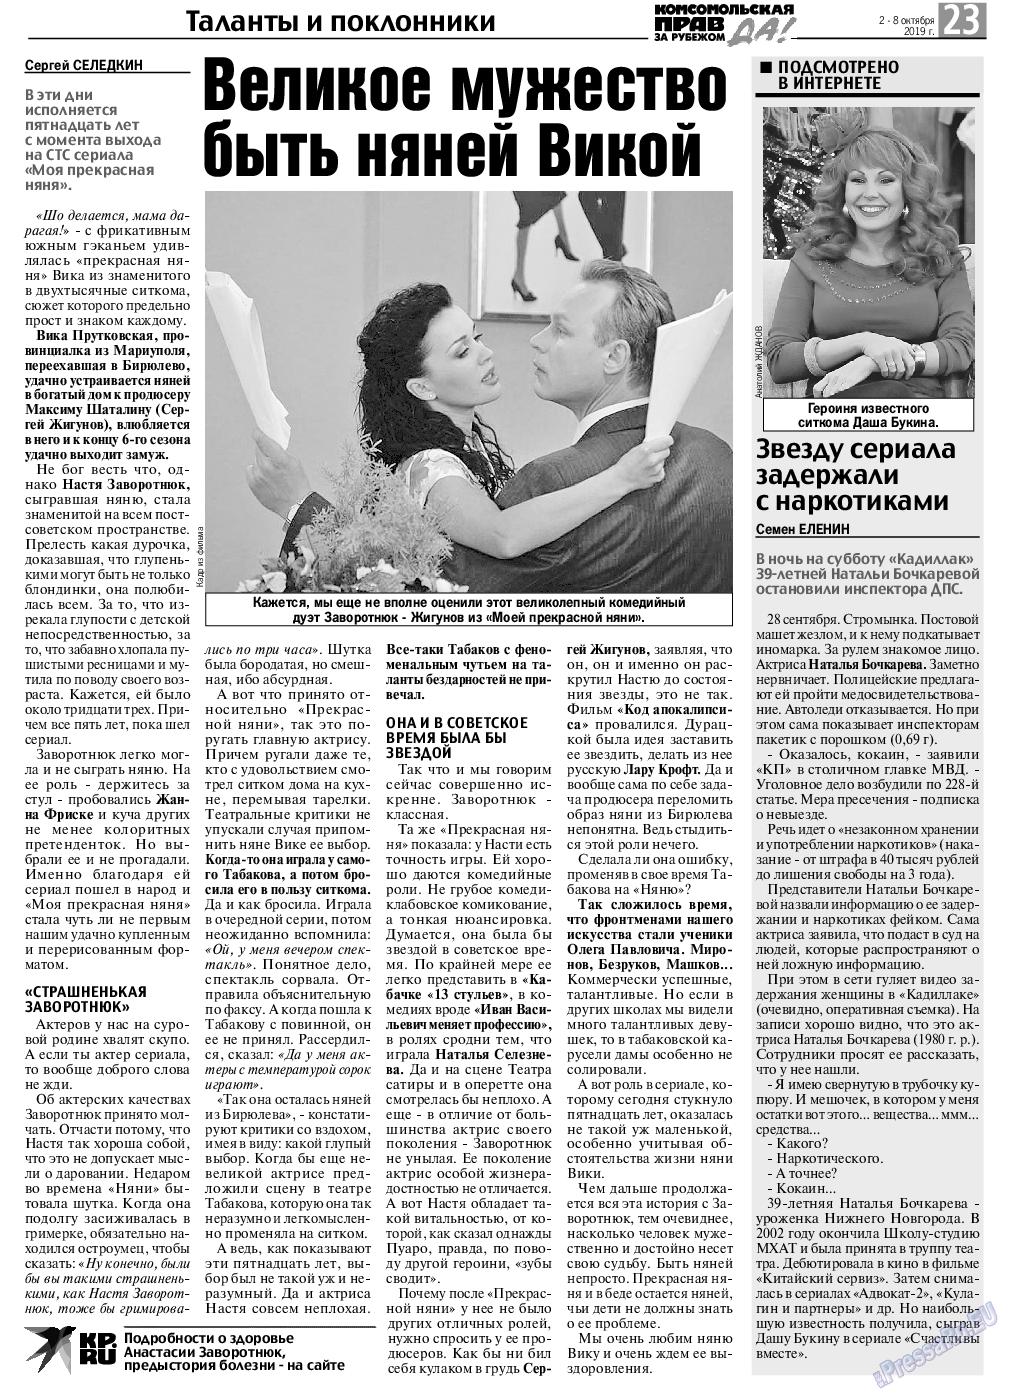 КП в Европе (газета). 2019 год, номер 40, стр. 23